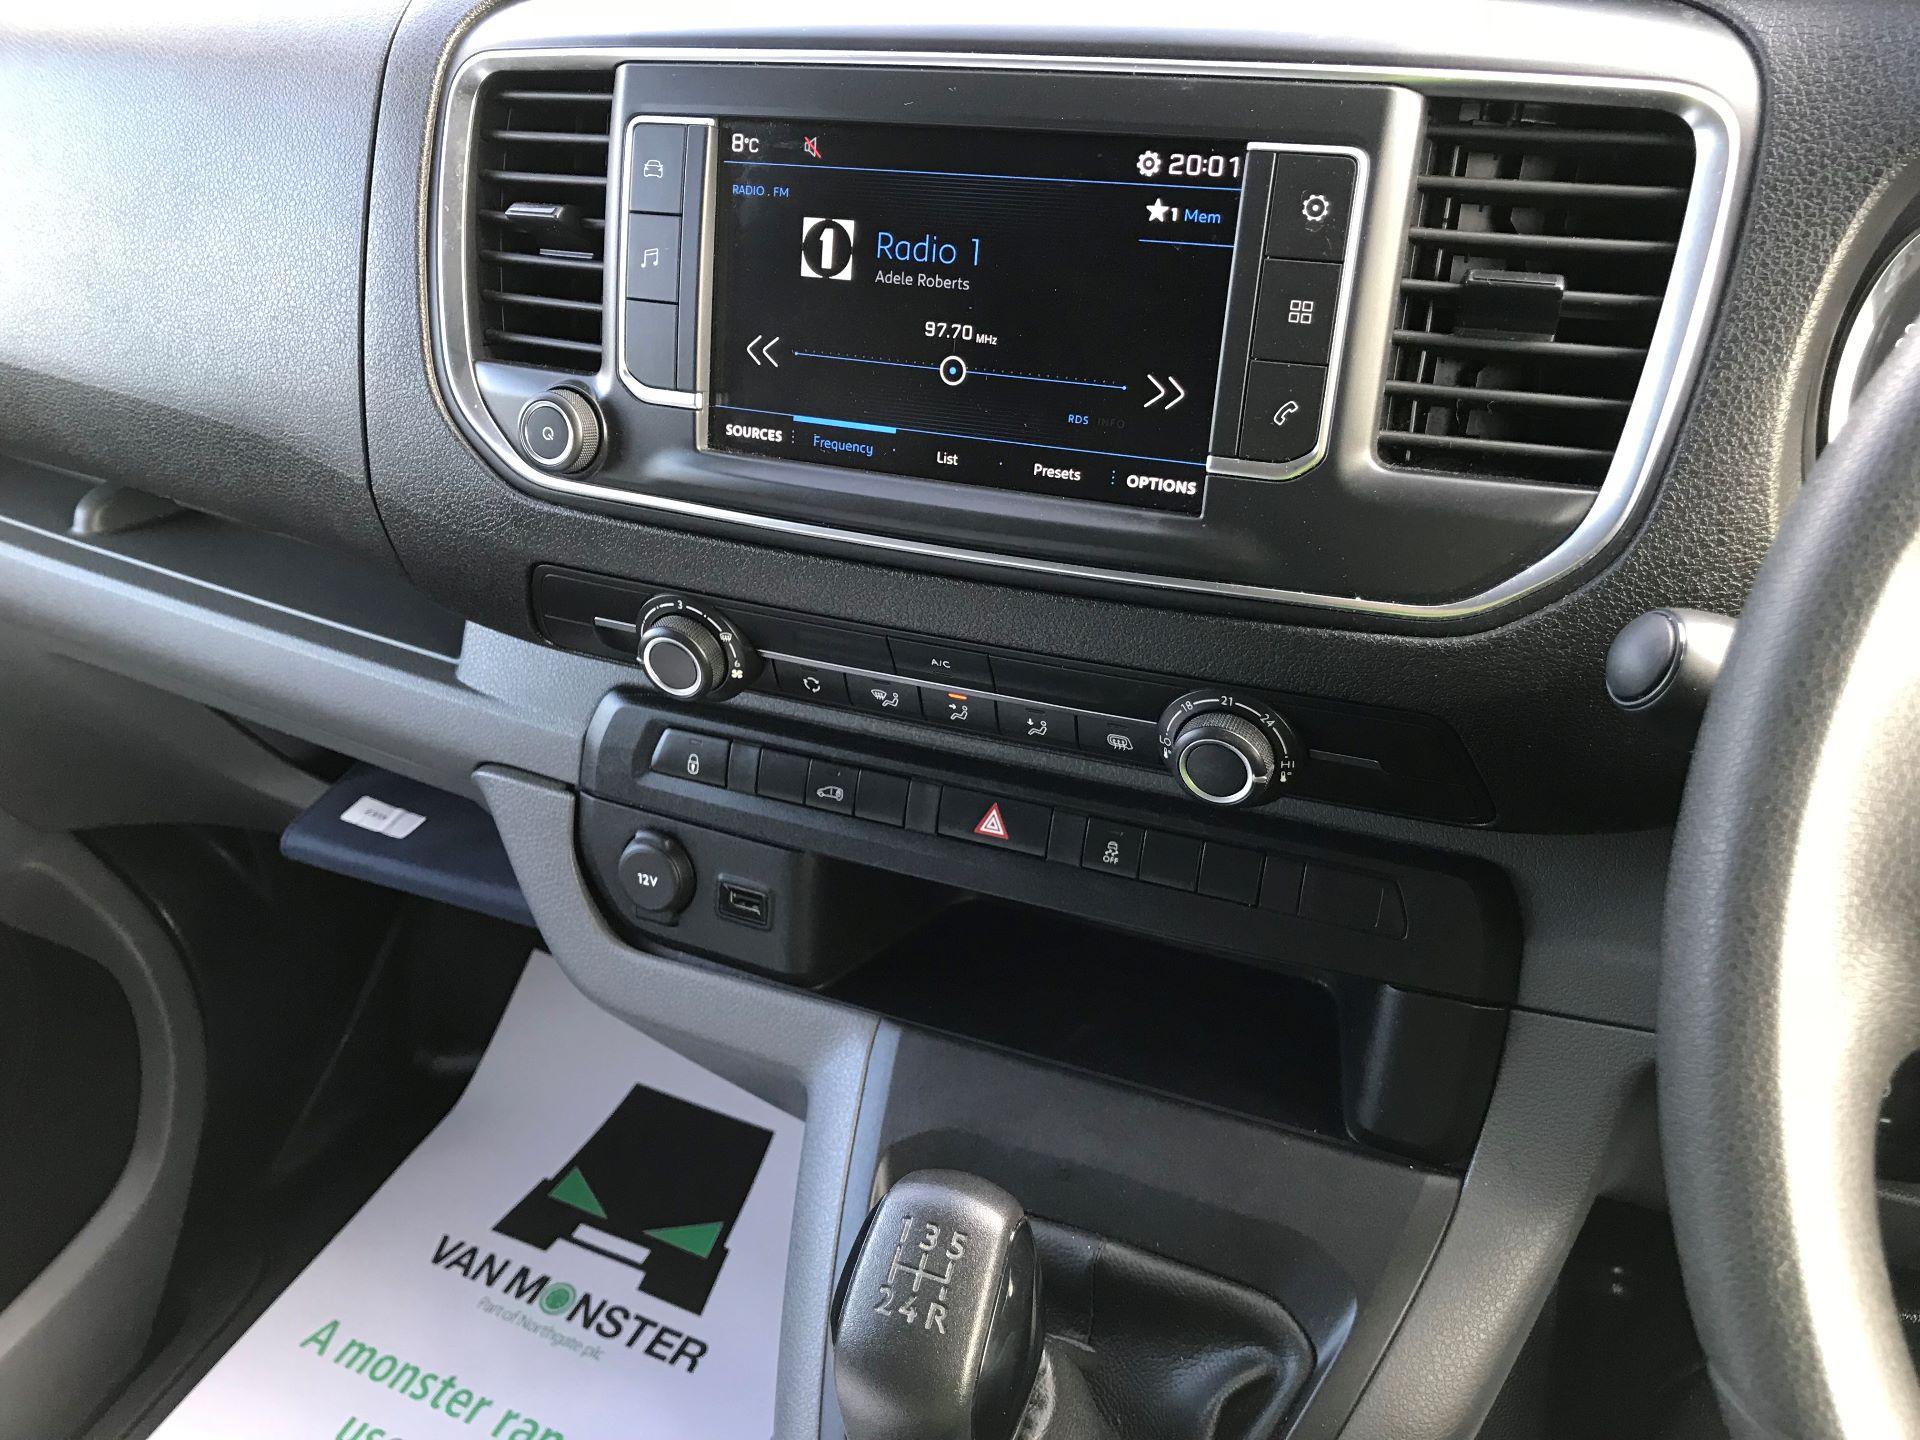 2018 Peugeot Expert  STANDARD 1000 1.6 BLUEHDI 95 S EURO 6 (NU68OFJ) Image 27